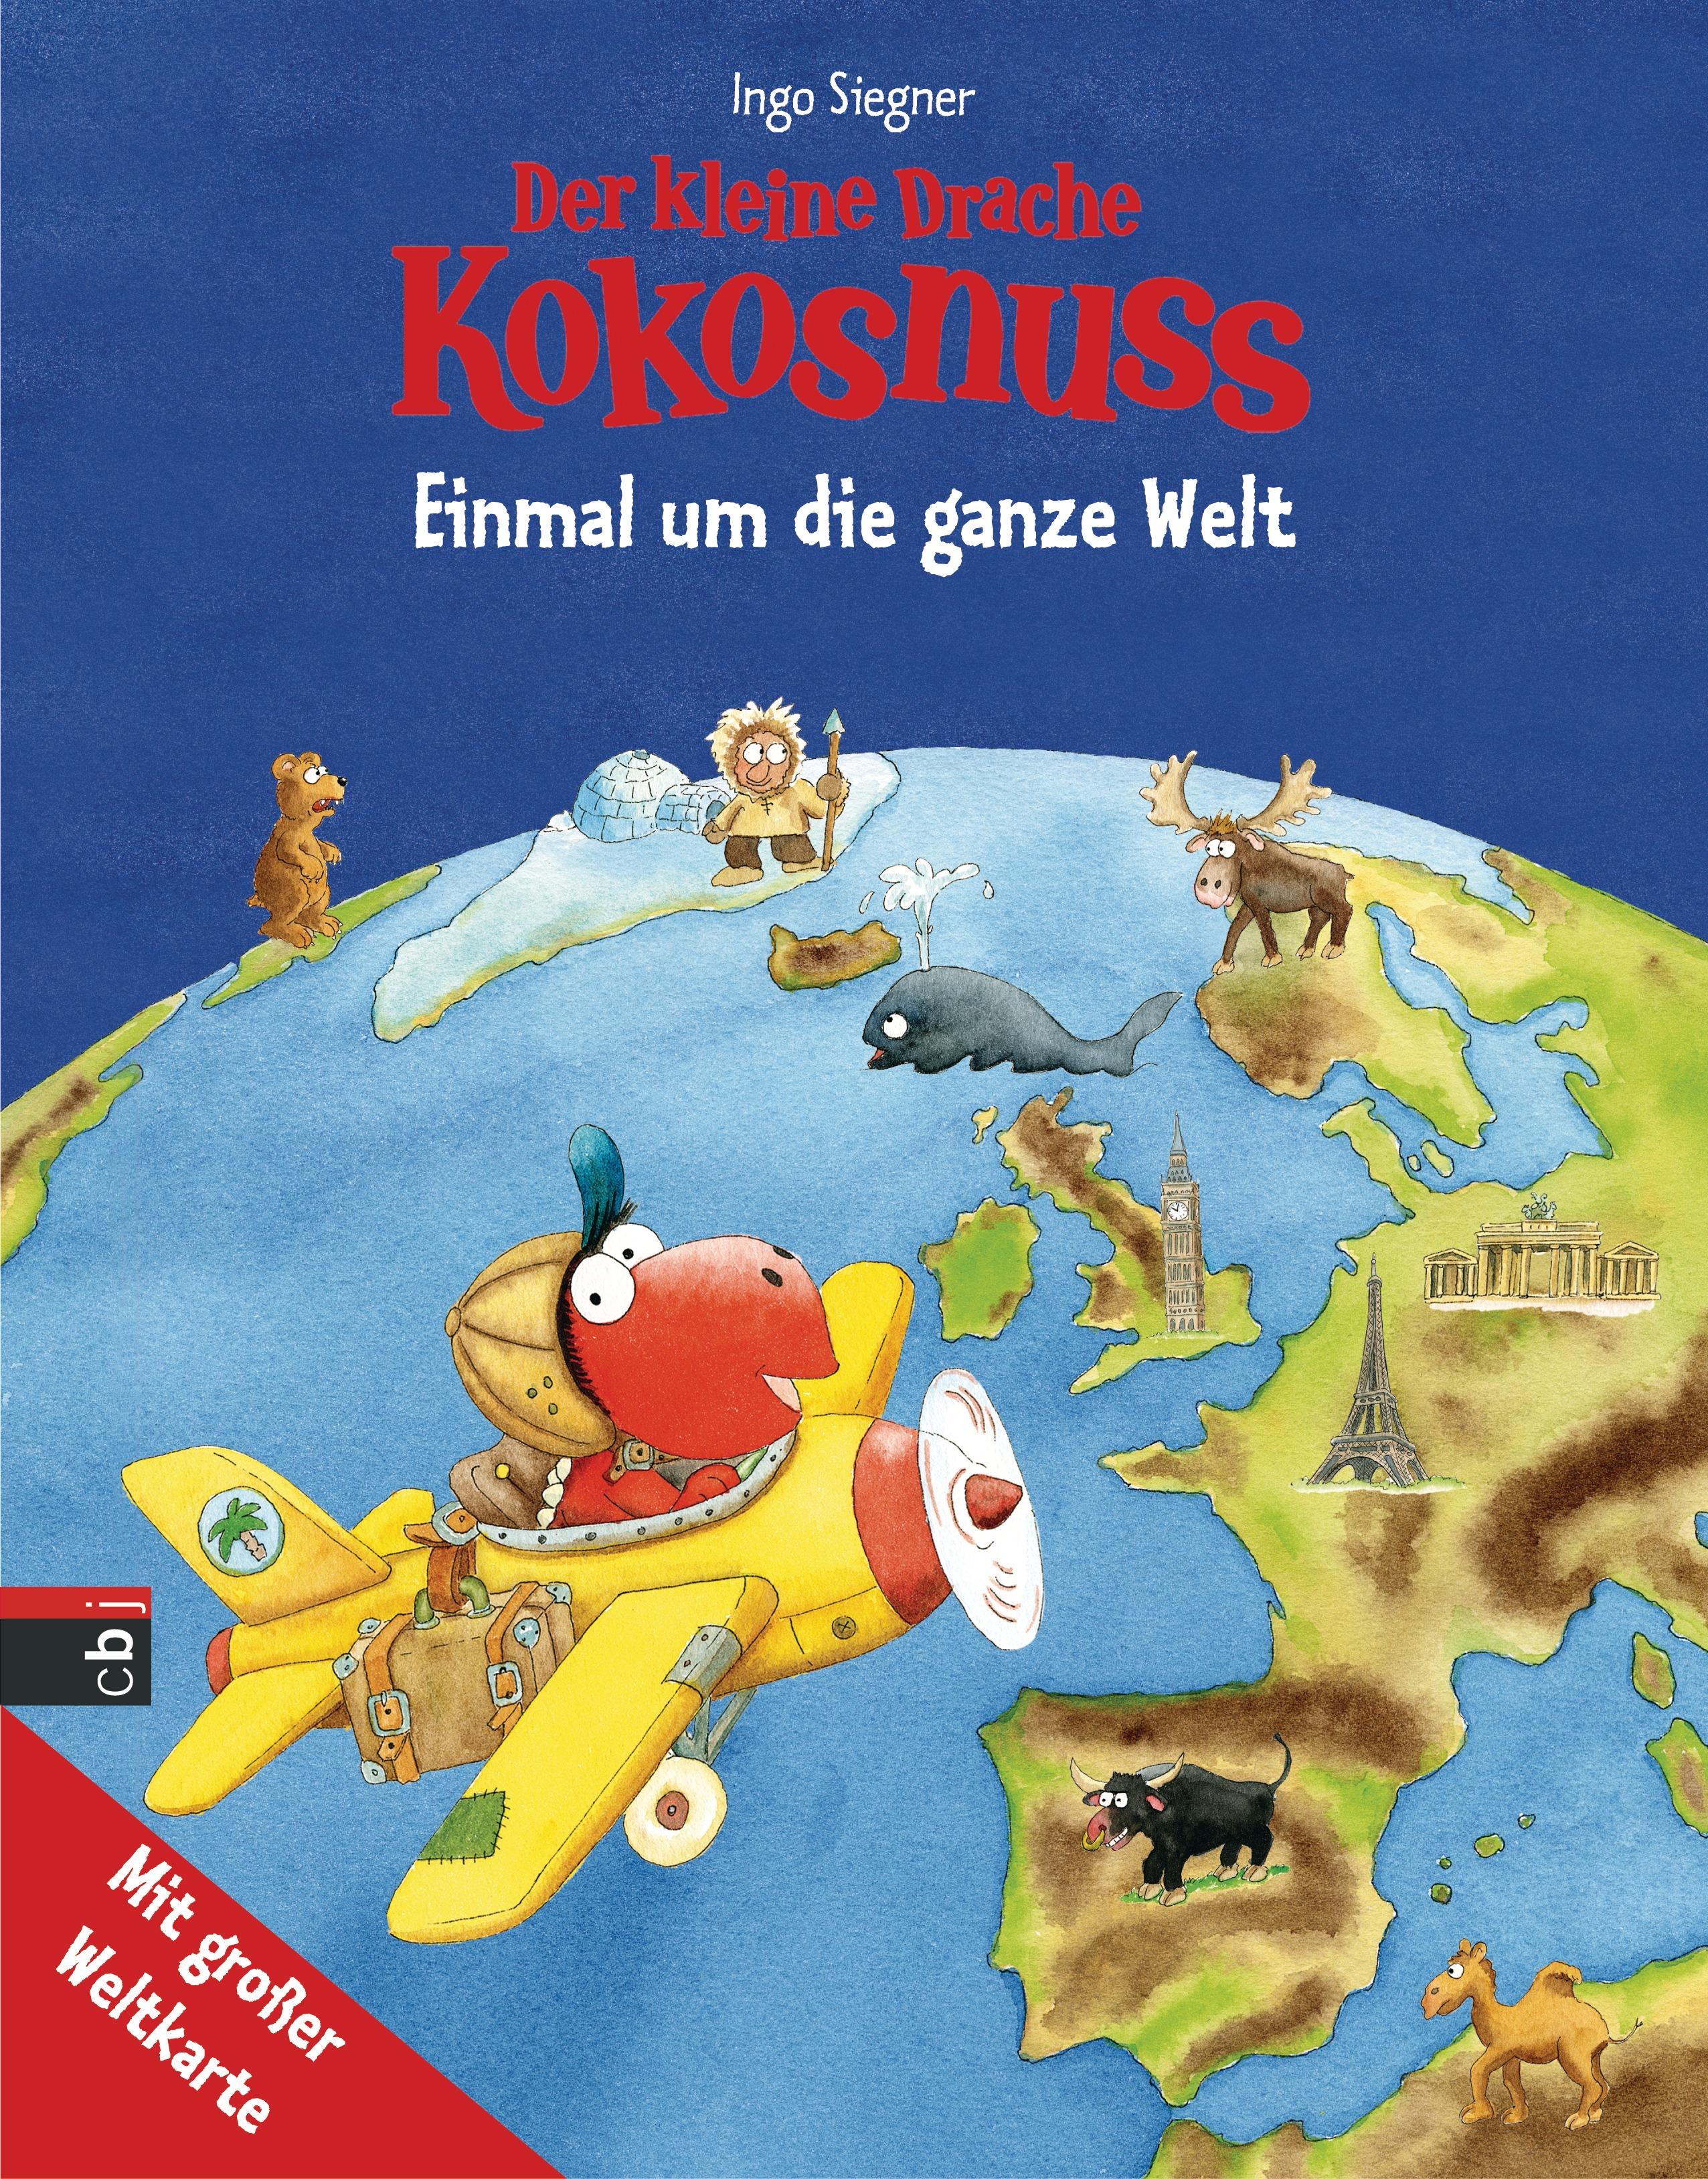 Der kleine Drache Kokosnuss - Einmal um die ganze Welt: Kinderatlas mit großer Weltkarte - Ingo Siegner